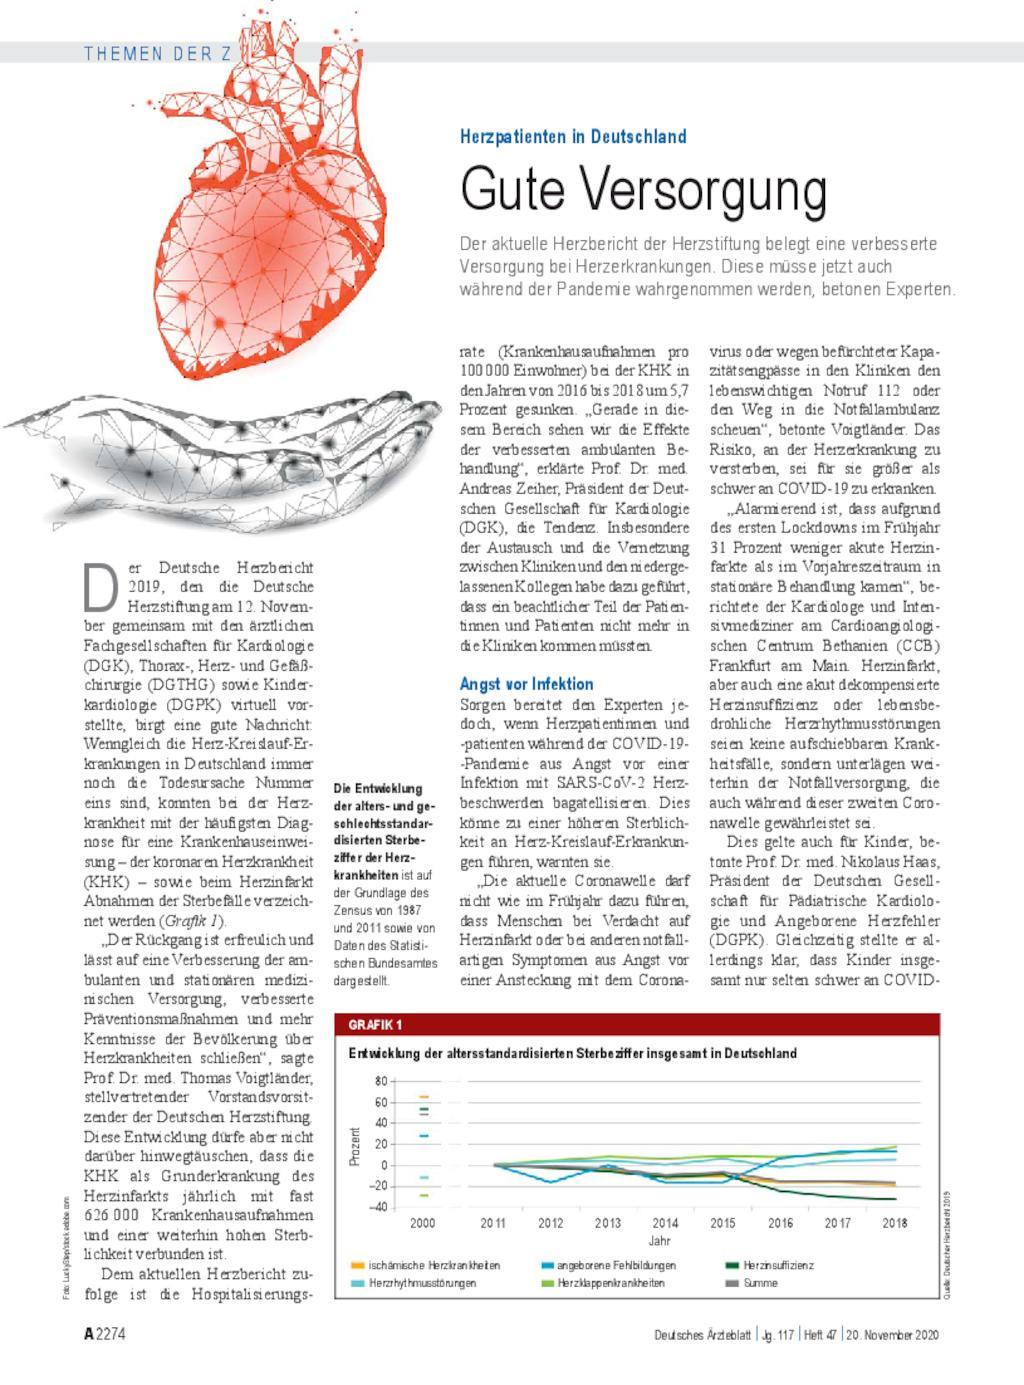 Herzpatienten in Deutschland: Gute Versorgung